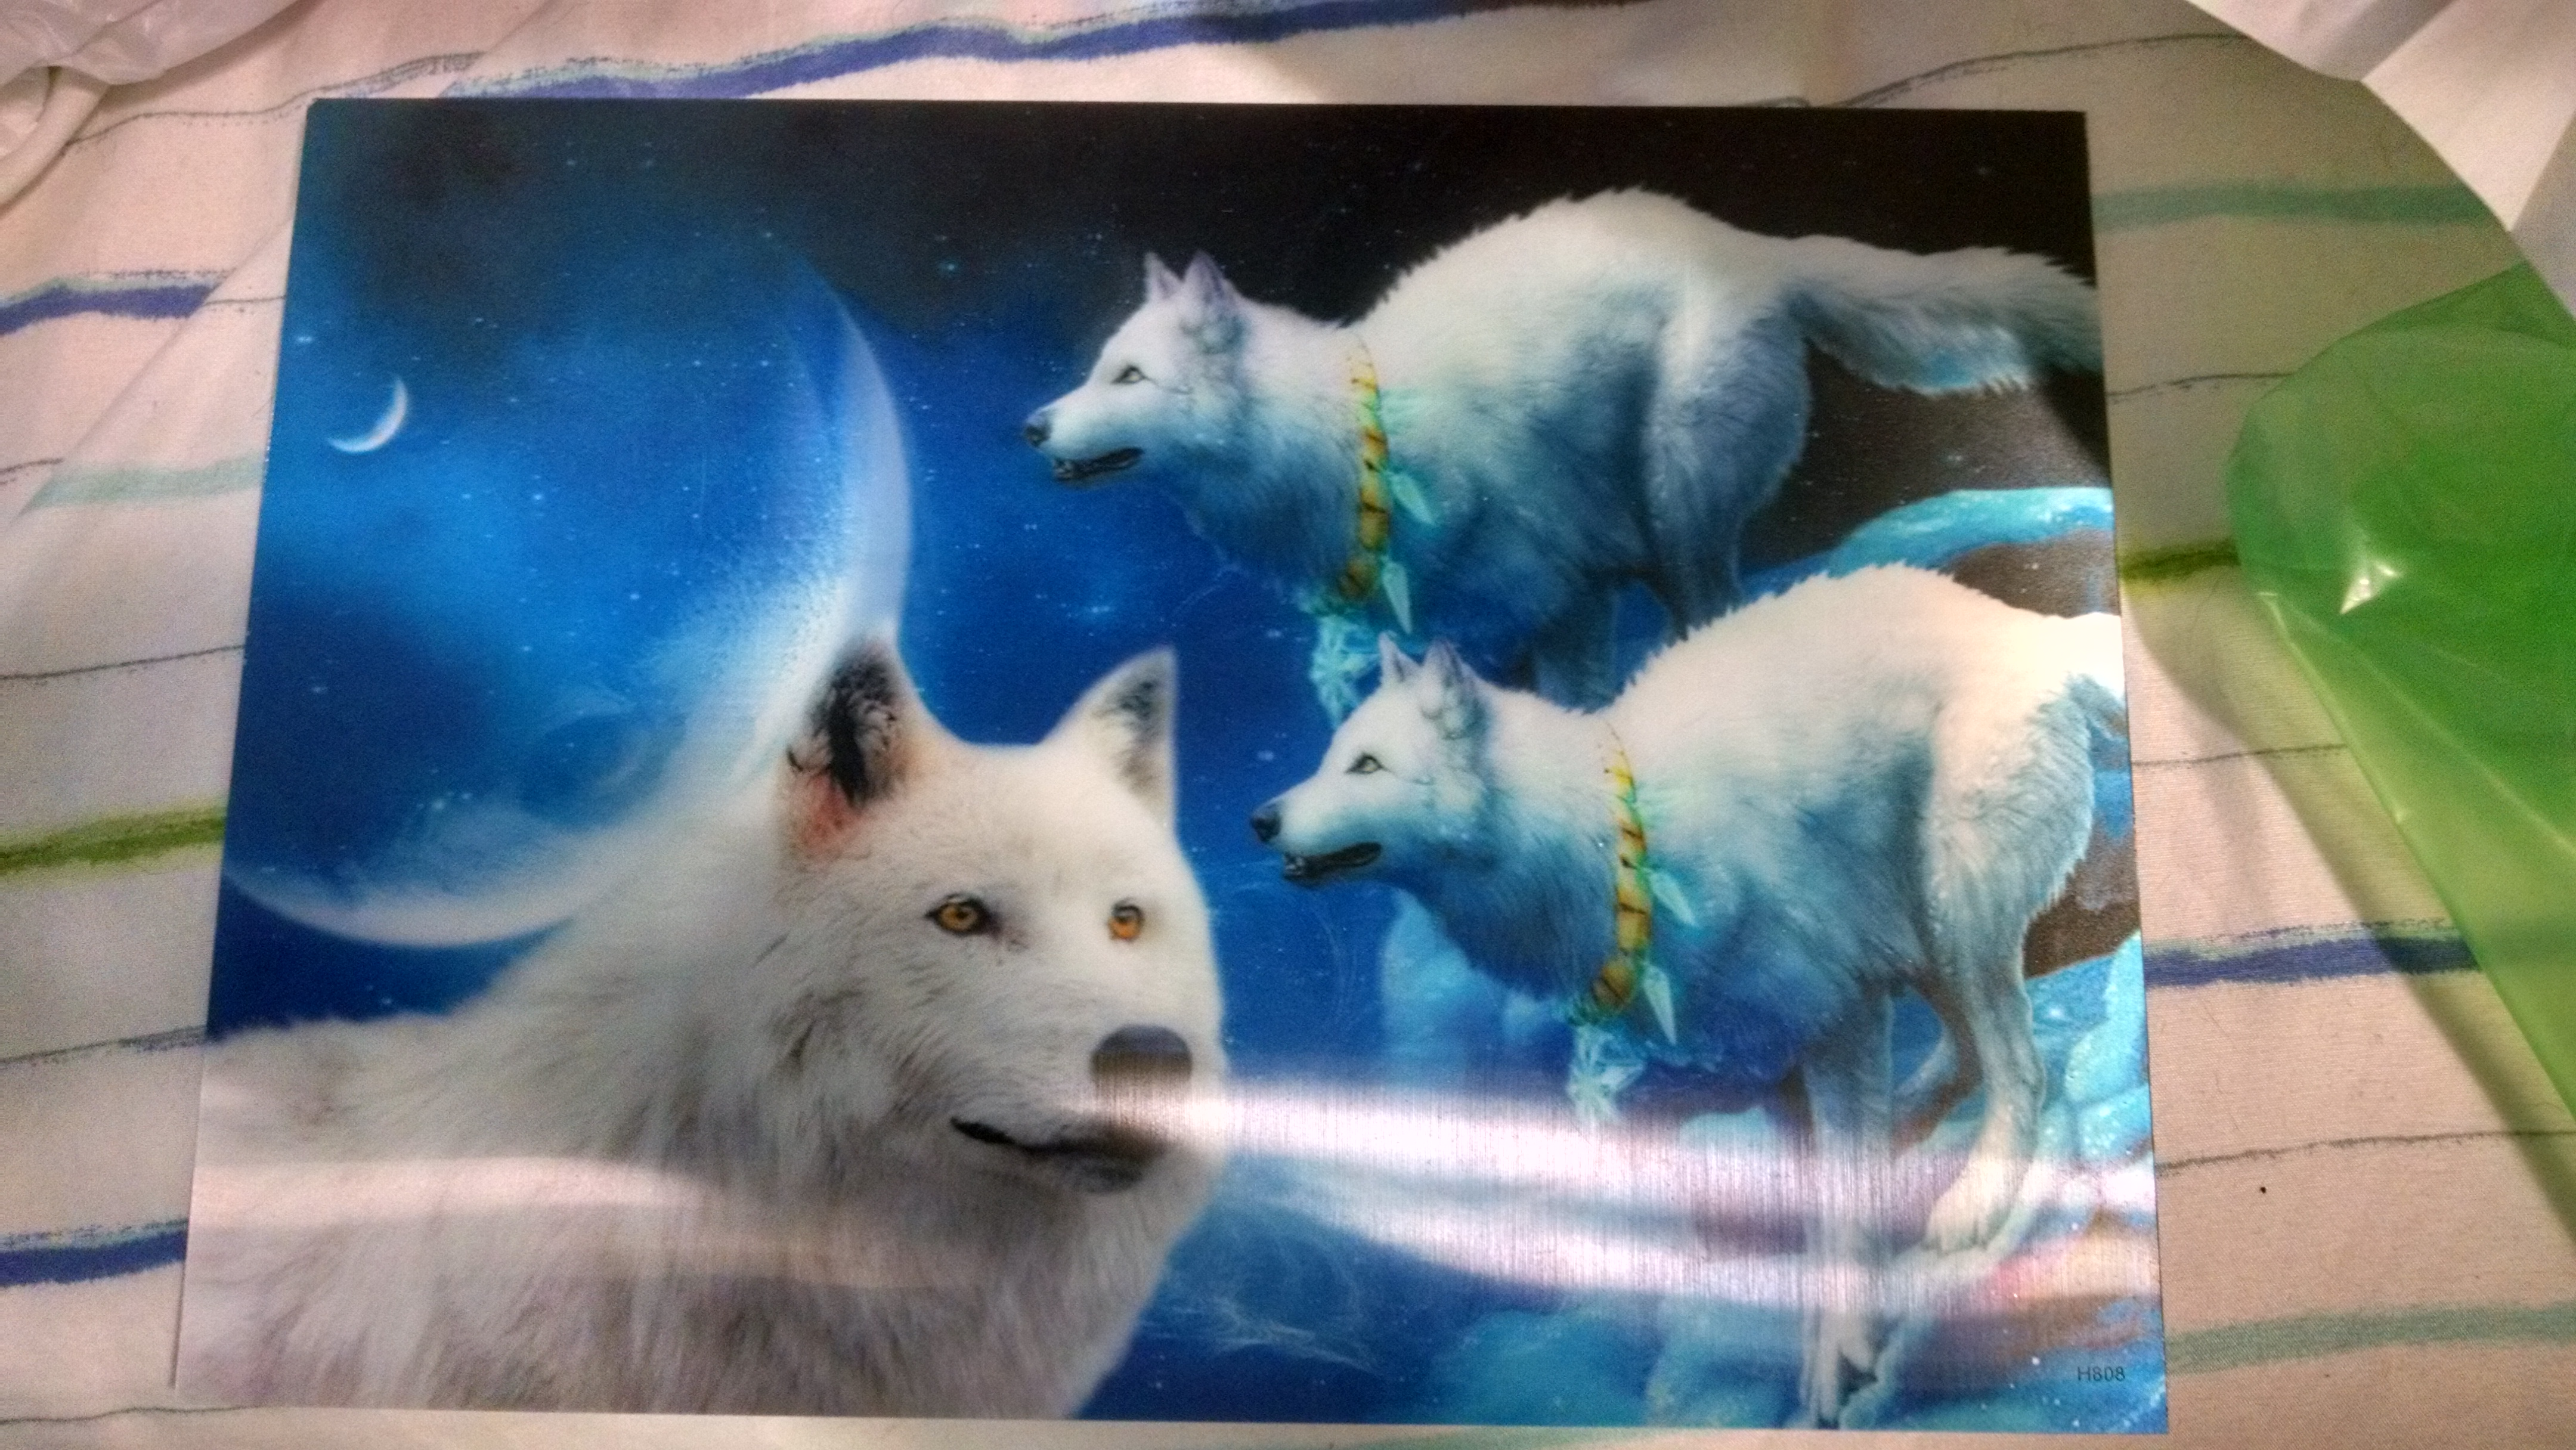 wolf wallpaper by leaffire01 on DeviantArt